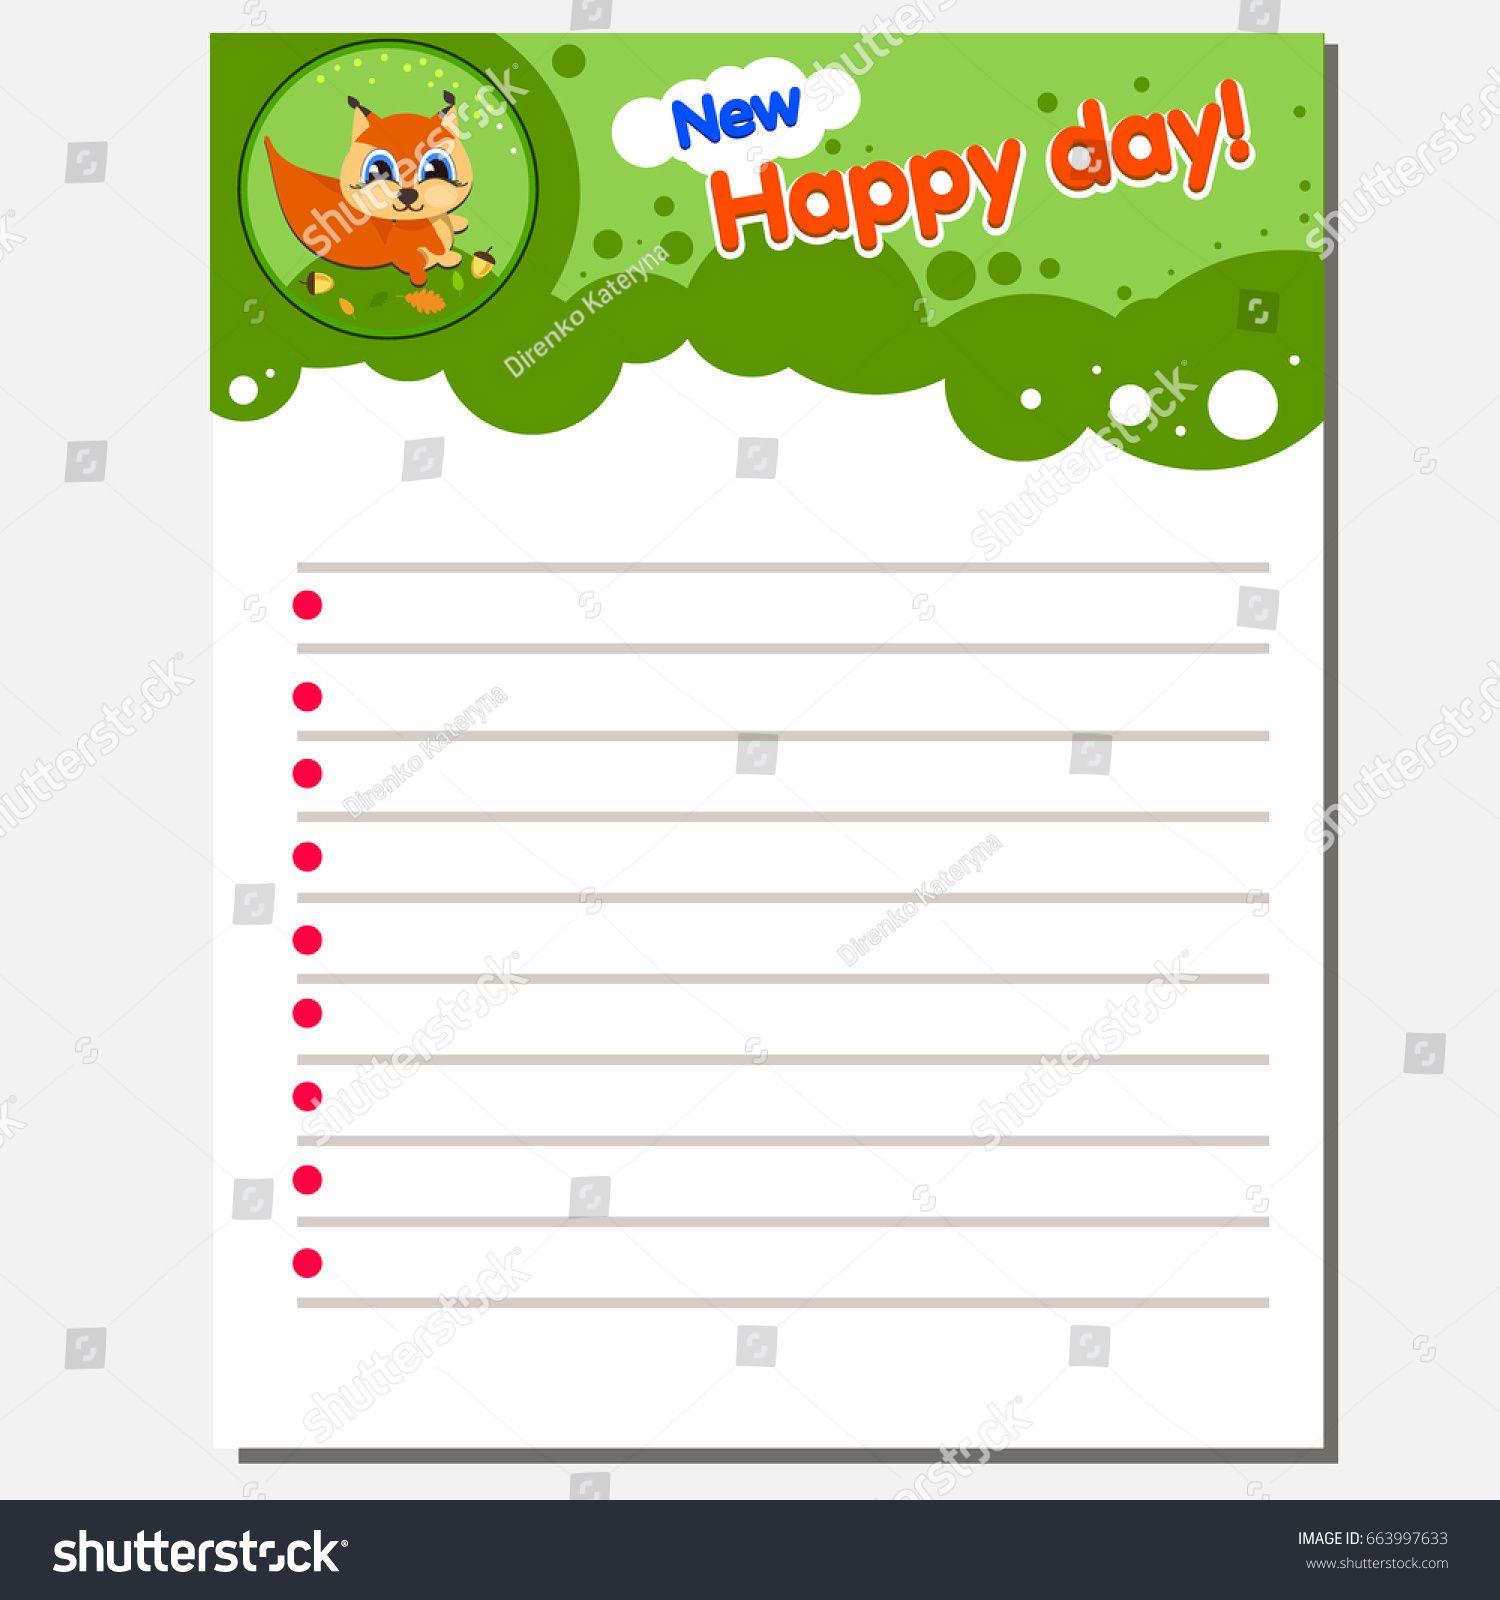 Writing Practice Printable Worksheet For Preschool